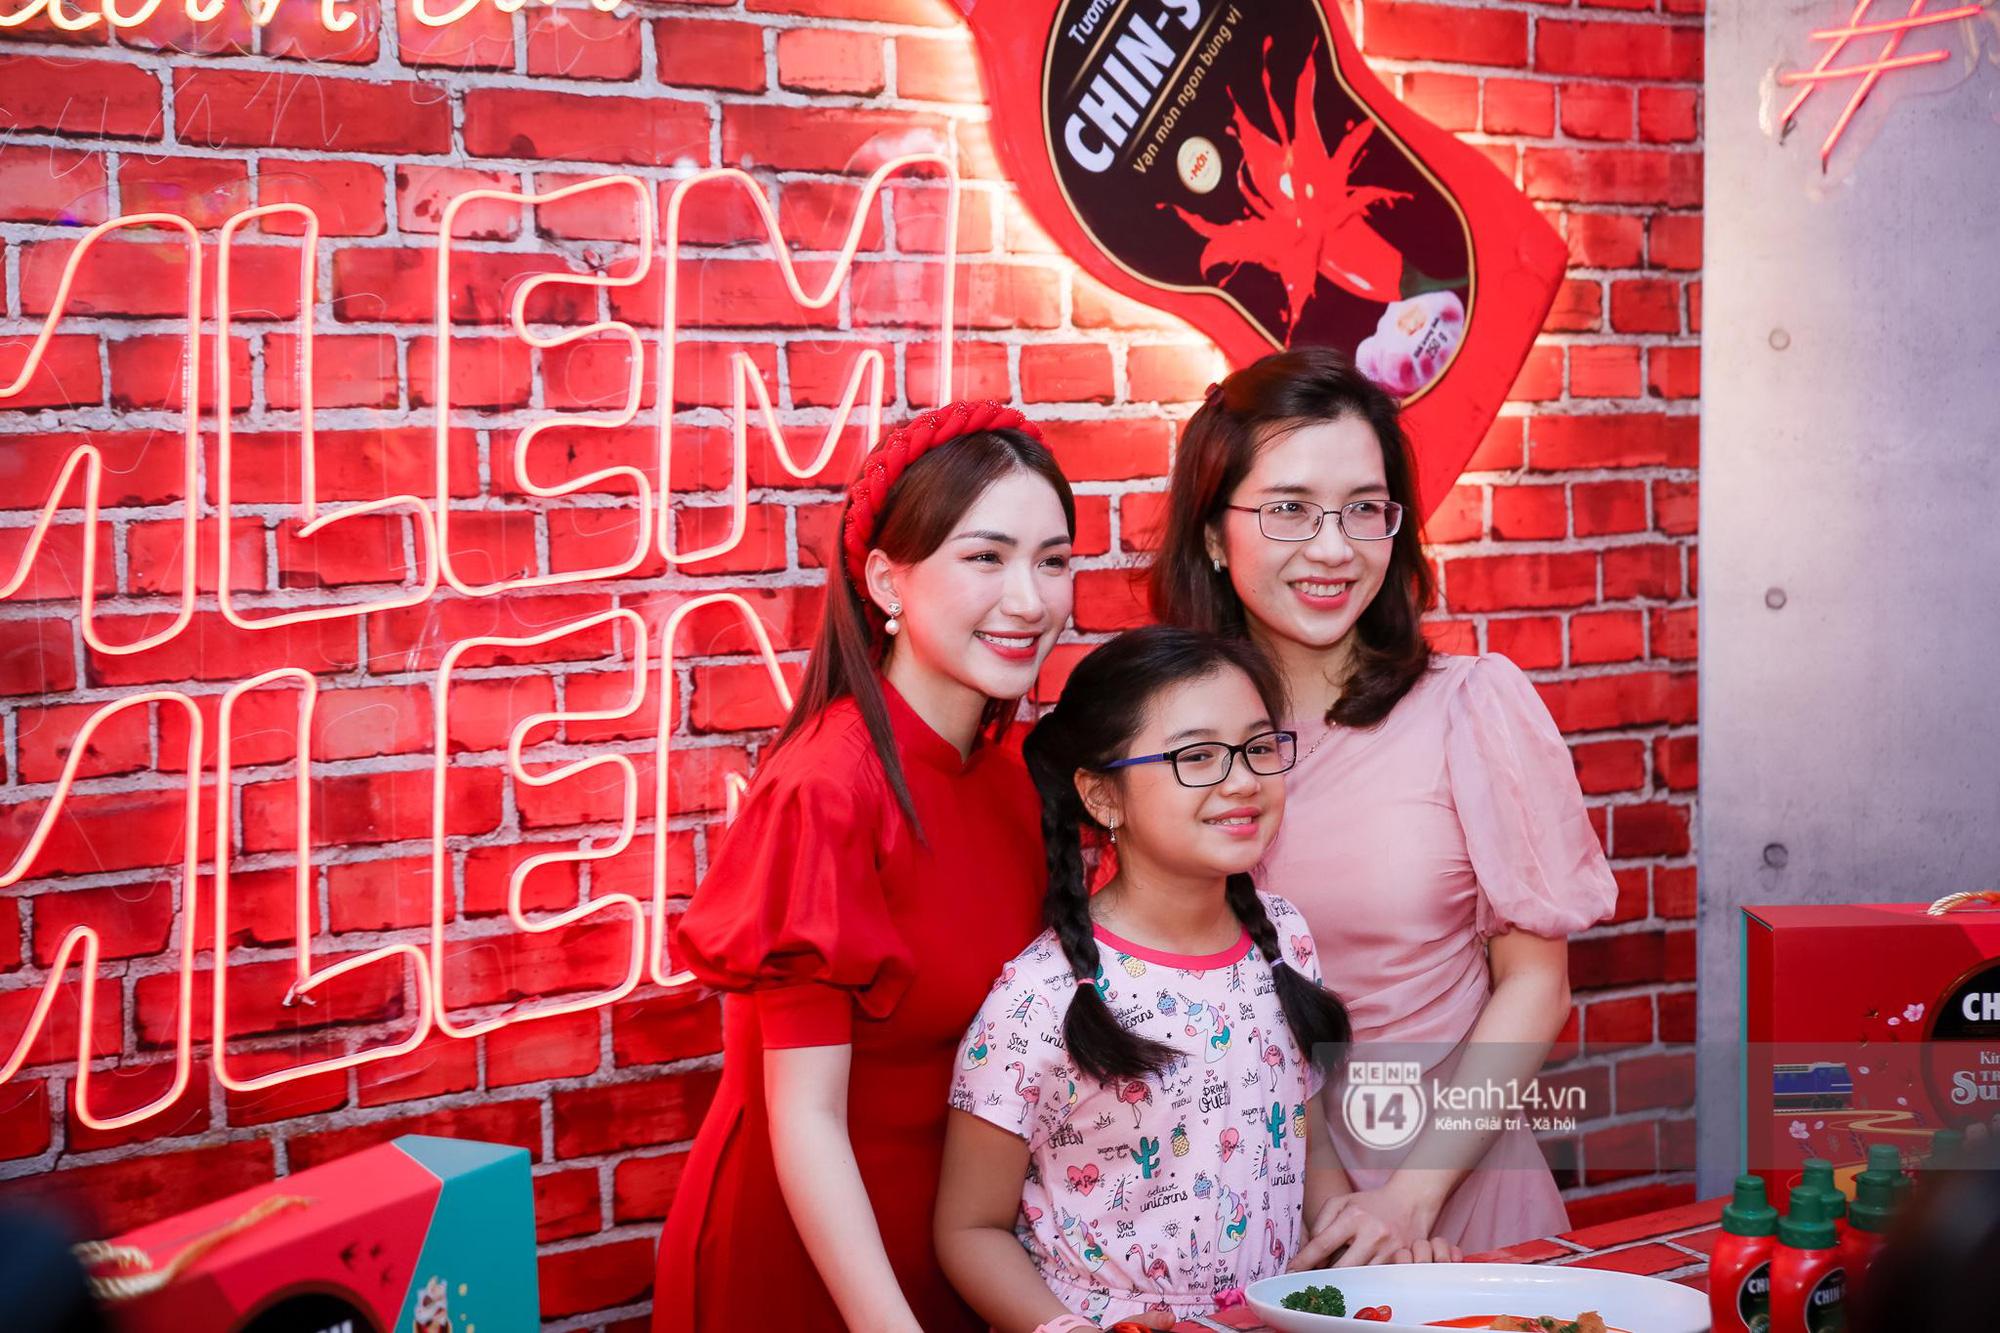 Fan Hòa Minzy bơi hết vào đây, xem idol đột kích Lễ hội Tết Việt và ngàn trải nghiệm wow chưa từng có! - Ảnh 4.